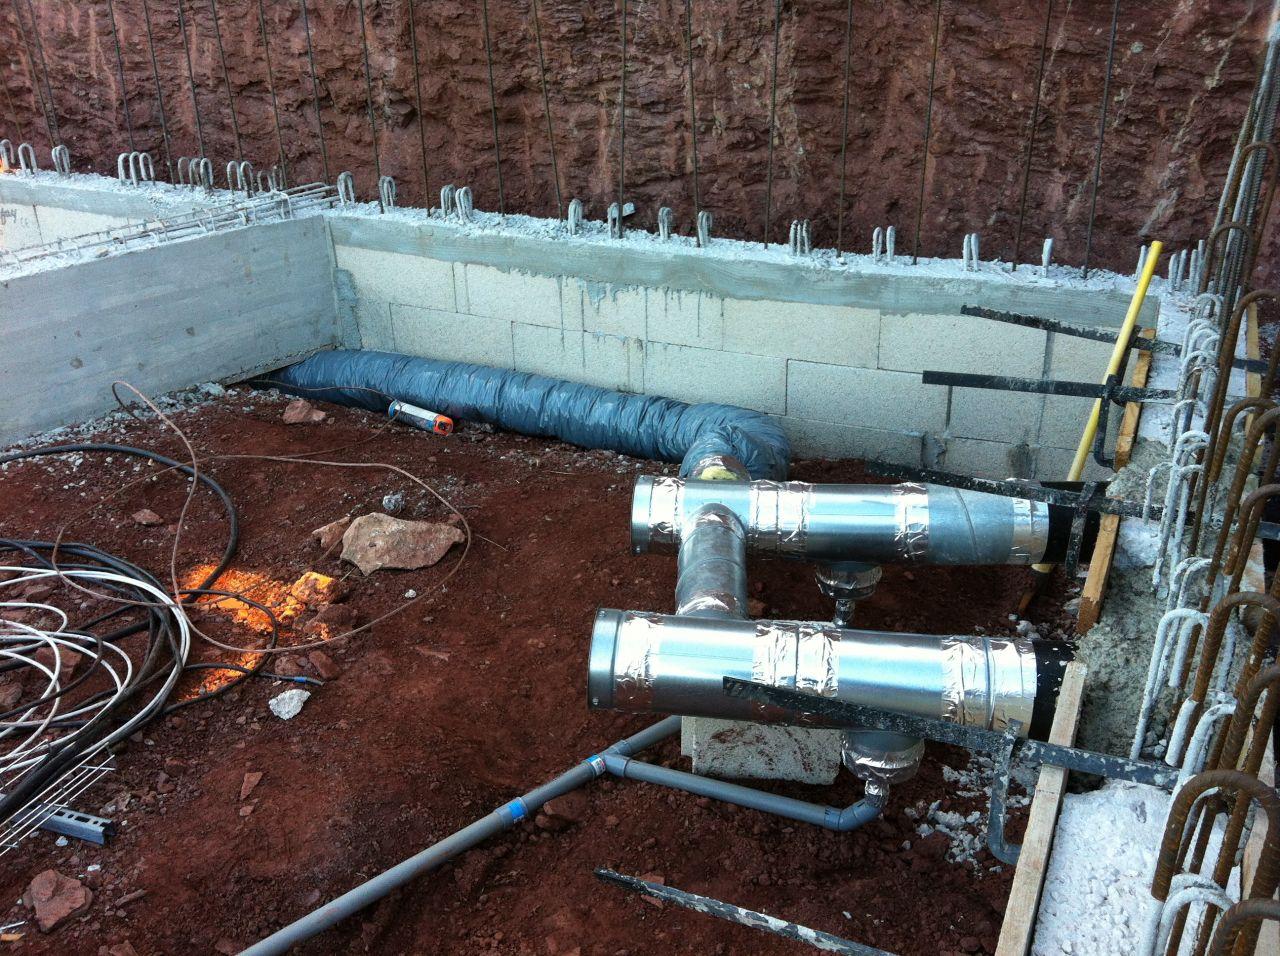 les deux arrivées de tuyaux dans le vs et le 3ème tuyaux qui part vers la future buanderie. Les évacuations de condensats sont guidées vers le drain, le long du corridor en bas du terrain.